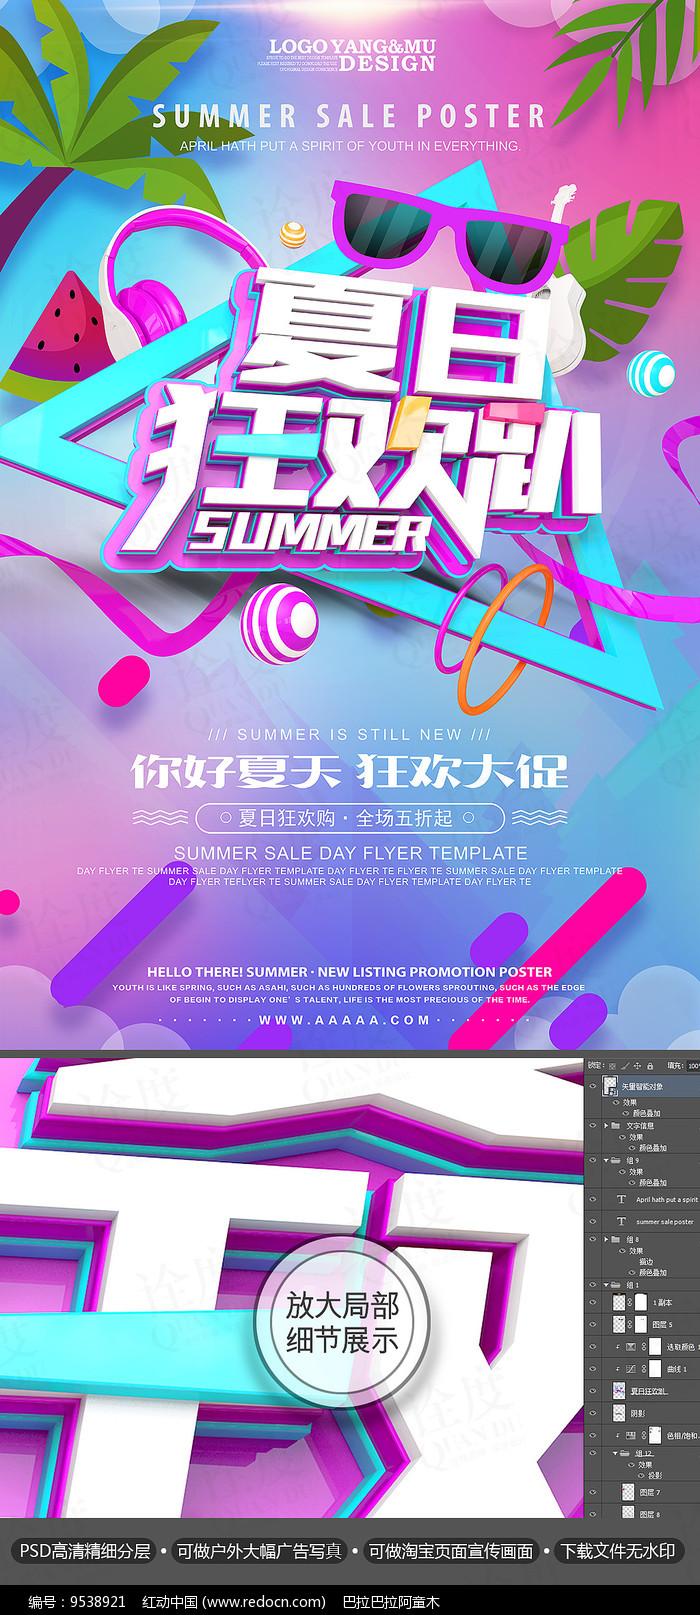 酷炫夏日狂欢趴夏季促销海报图片